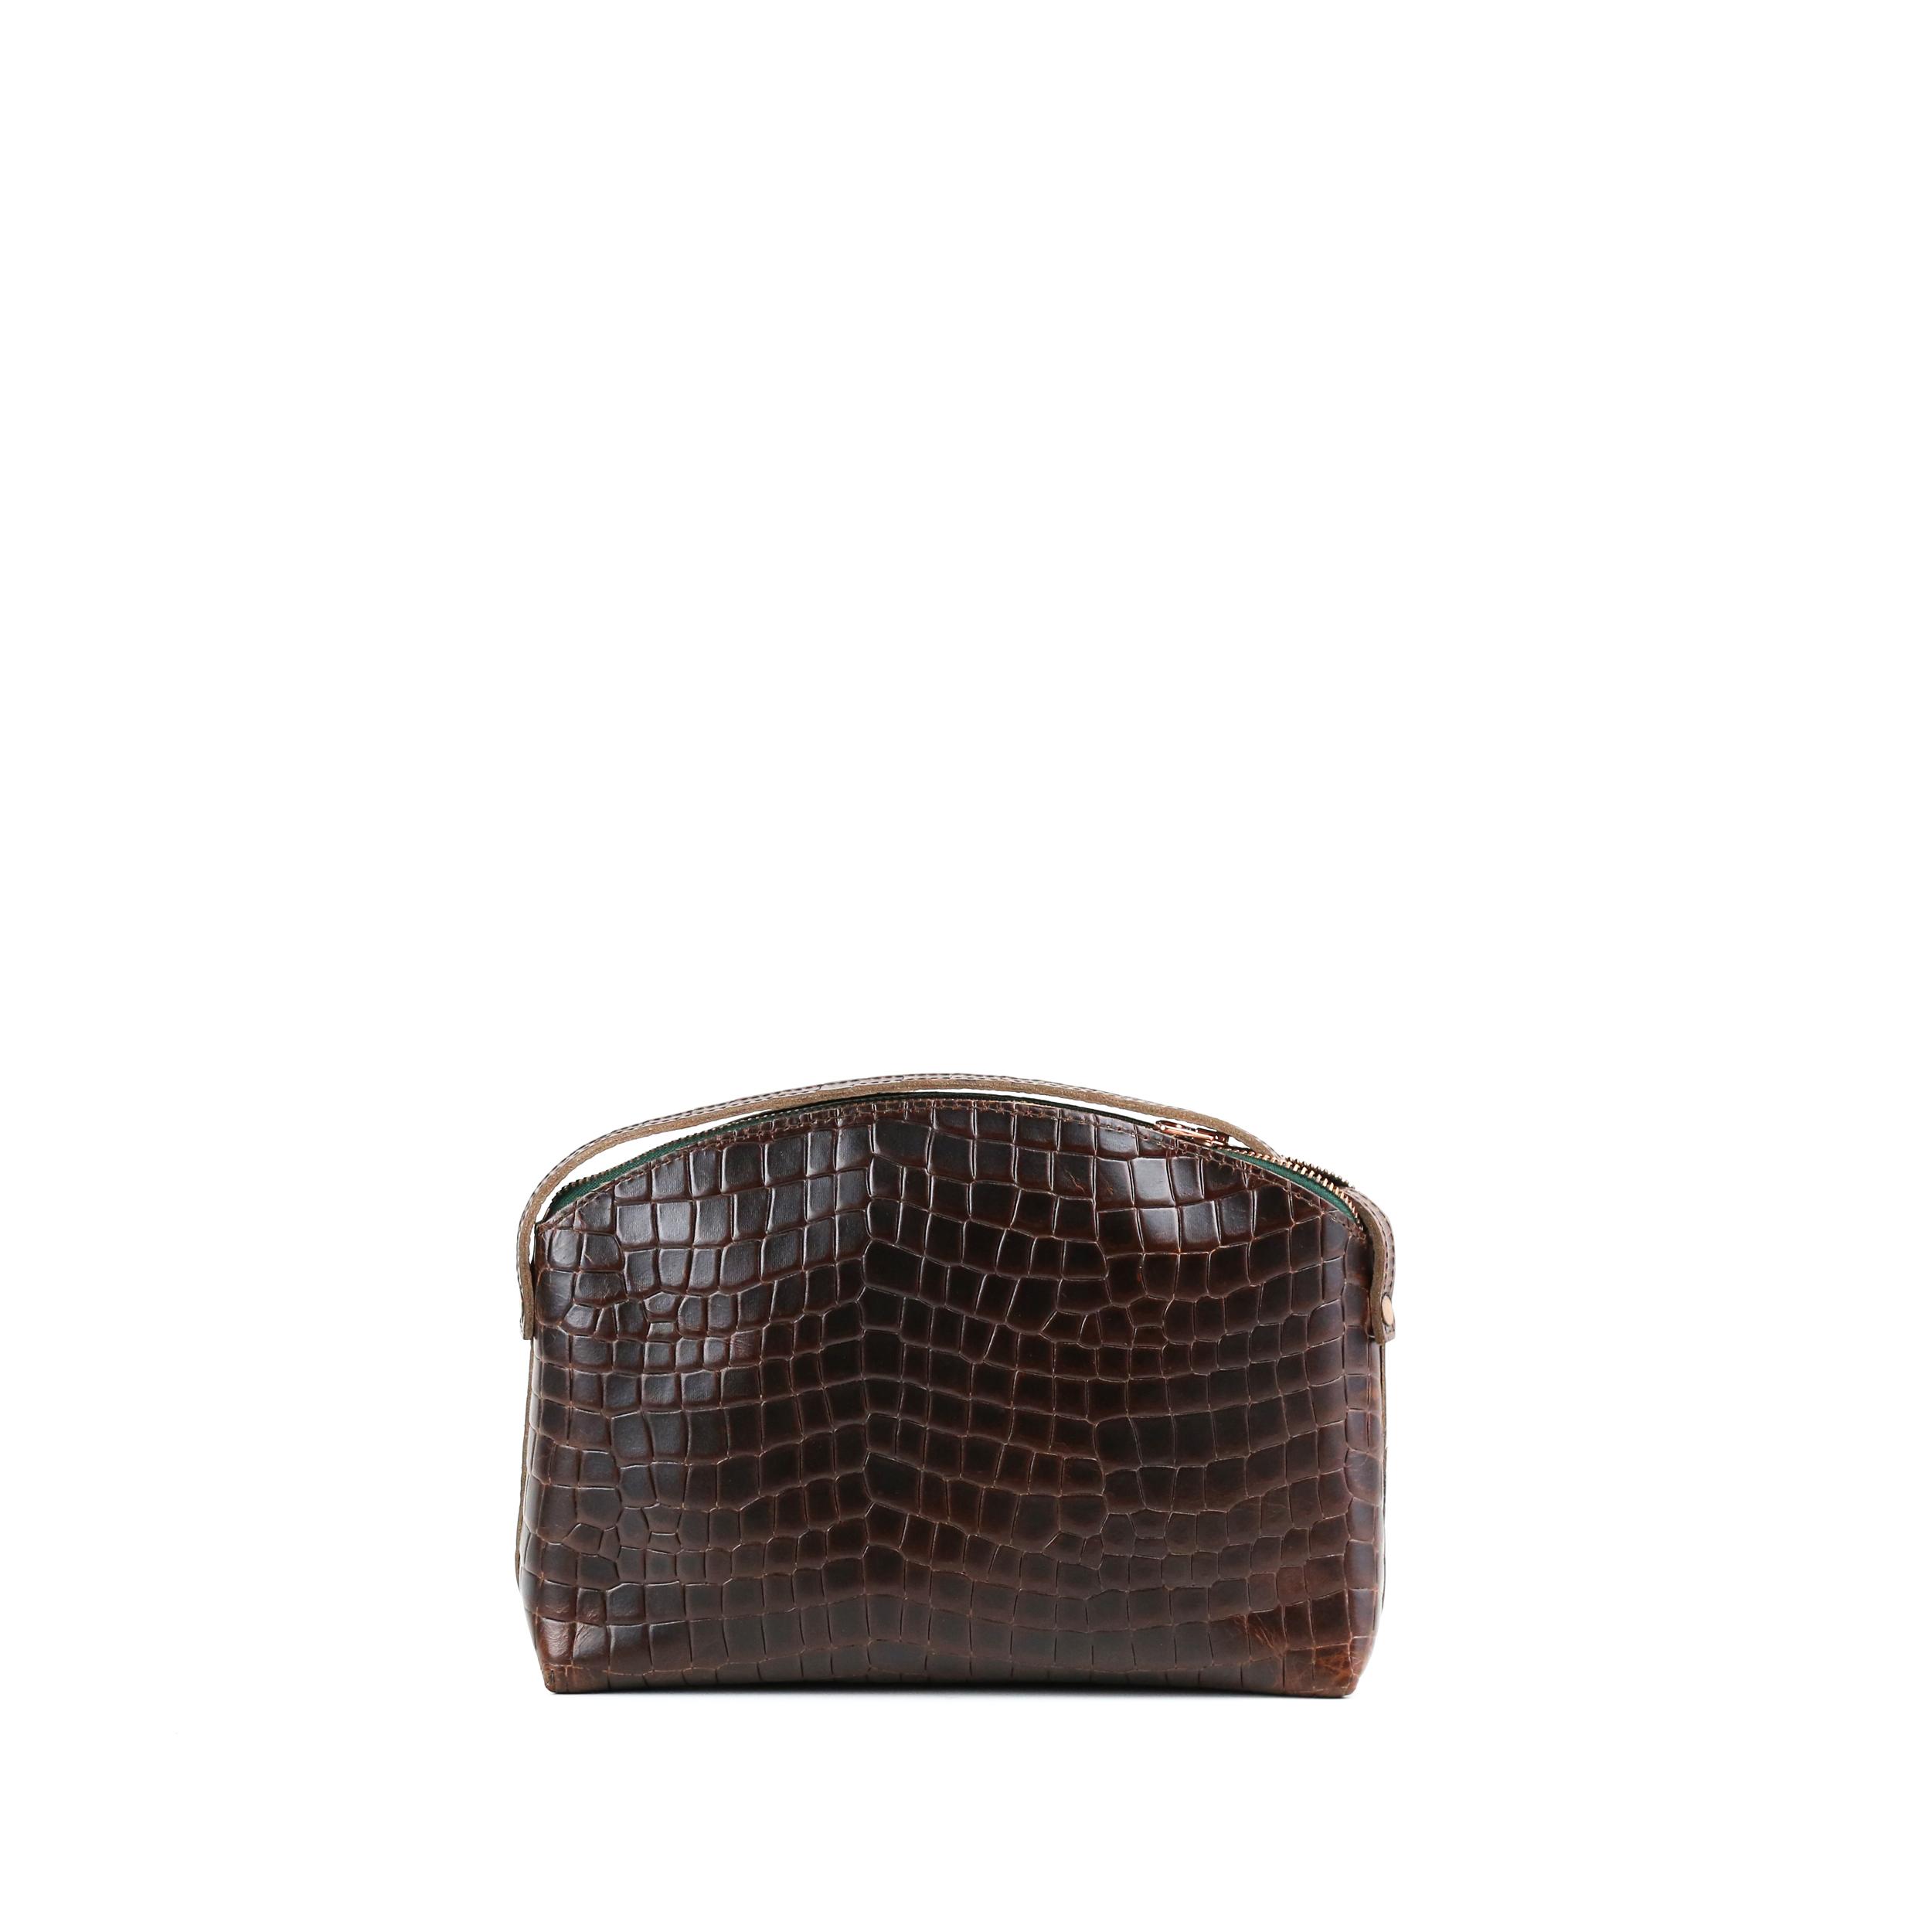 TIMI Crossbody Bag Croco Sample Sale No. 5-2